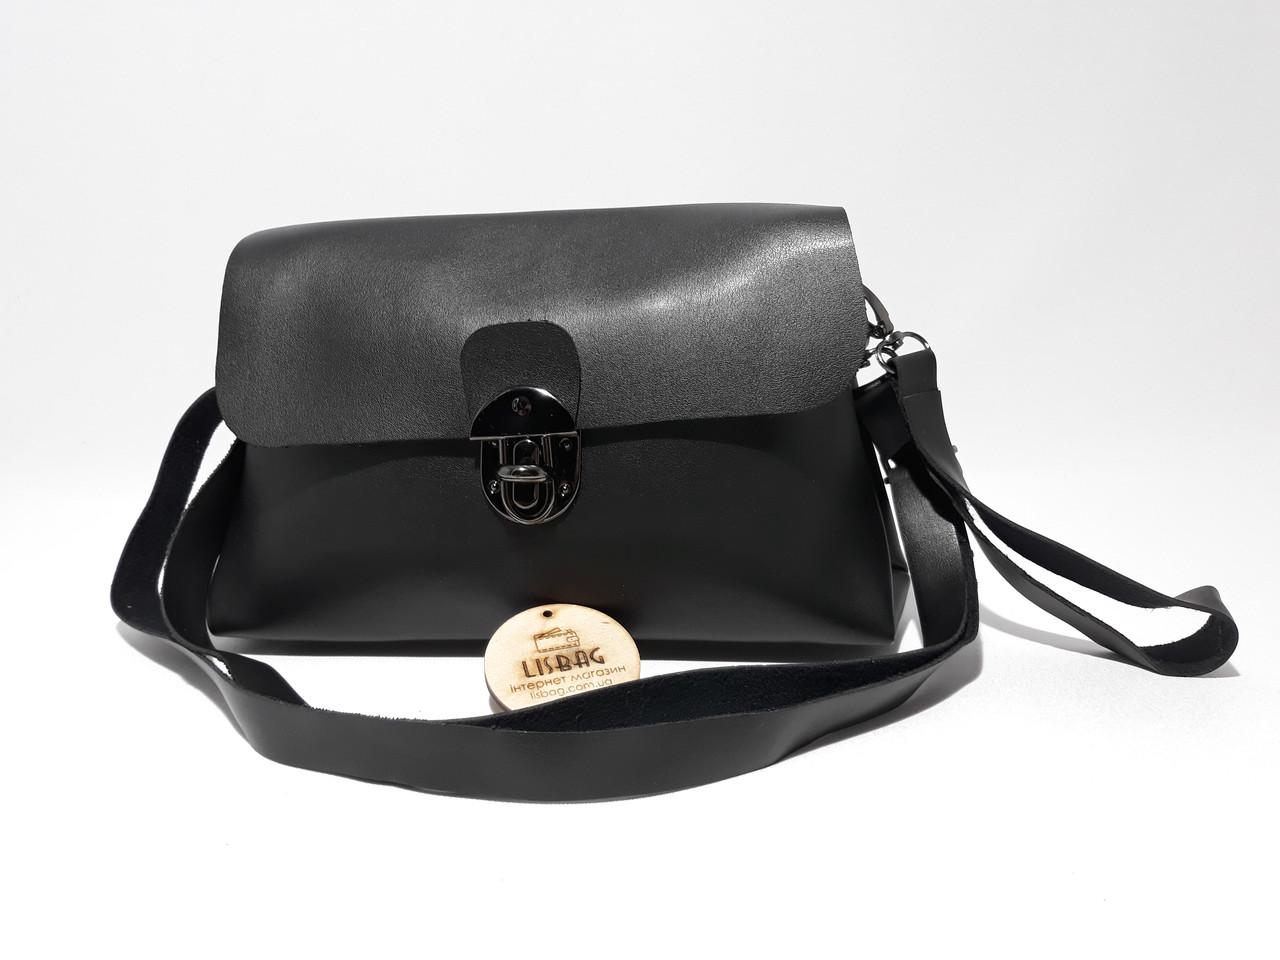 b27d061d80da Маленькая милая сумка-клатч черная 2в1 через плечо/на плечо: продажа ...